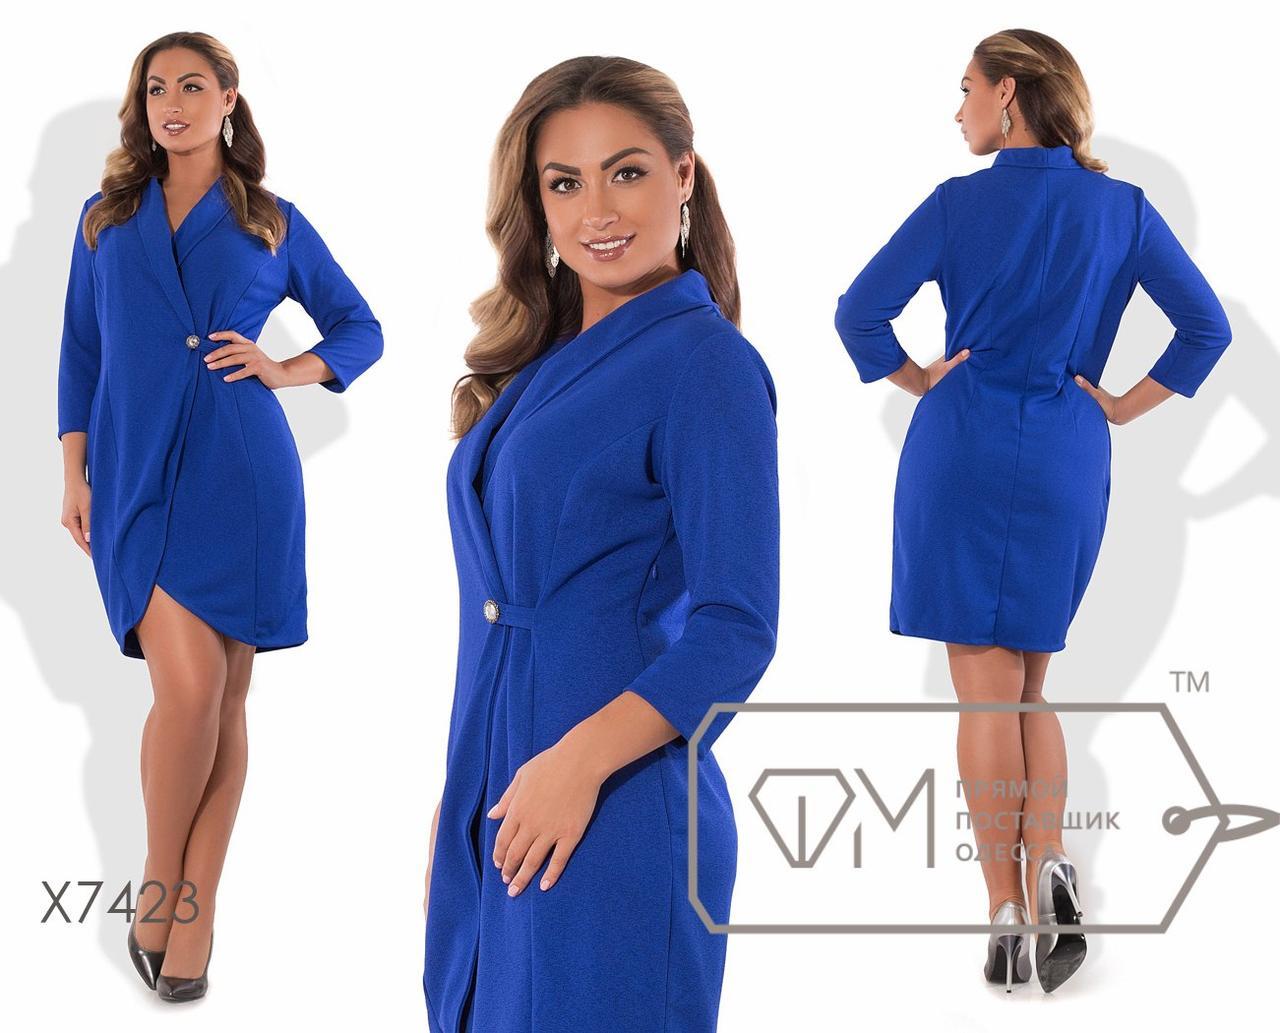 Платье-пальто из креп-дайвинга с эффектом запаха на пуговице с хлястиком, закруглёнными полами, рукавами 3/4 и воротником-шалькой X7423